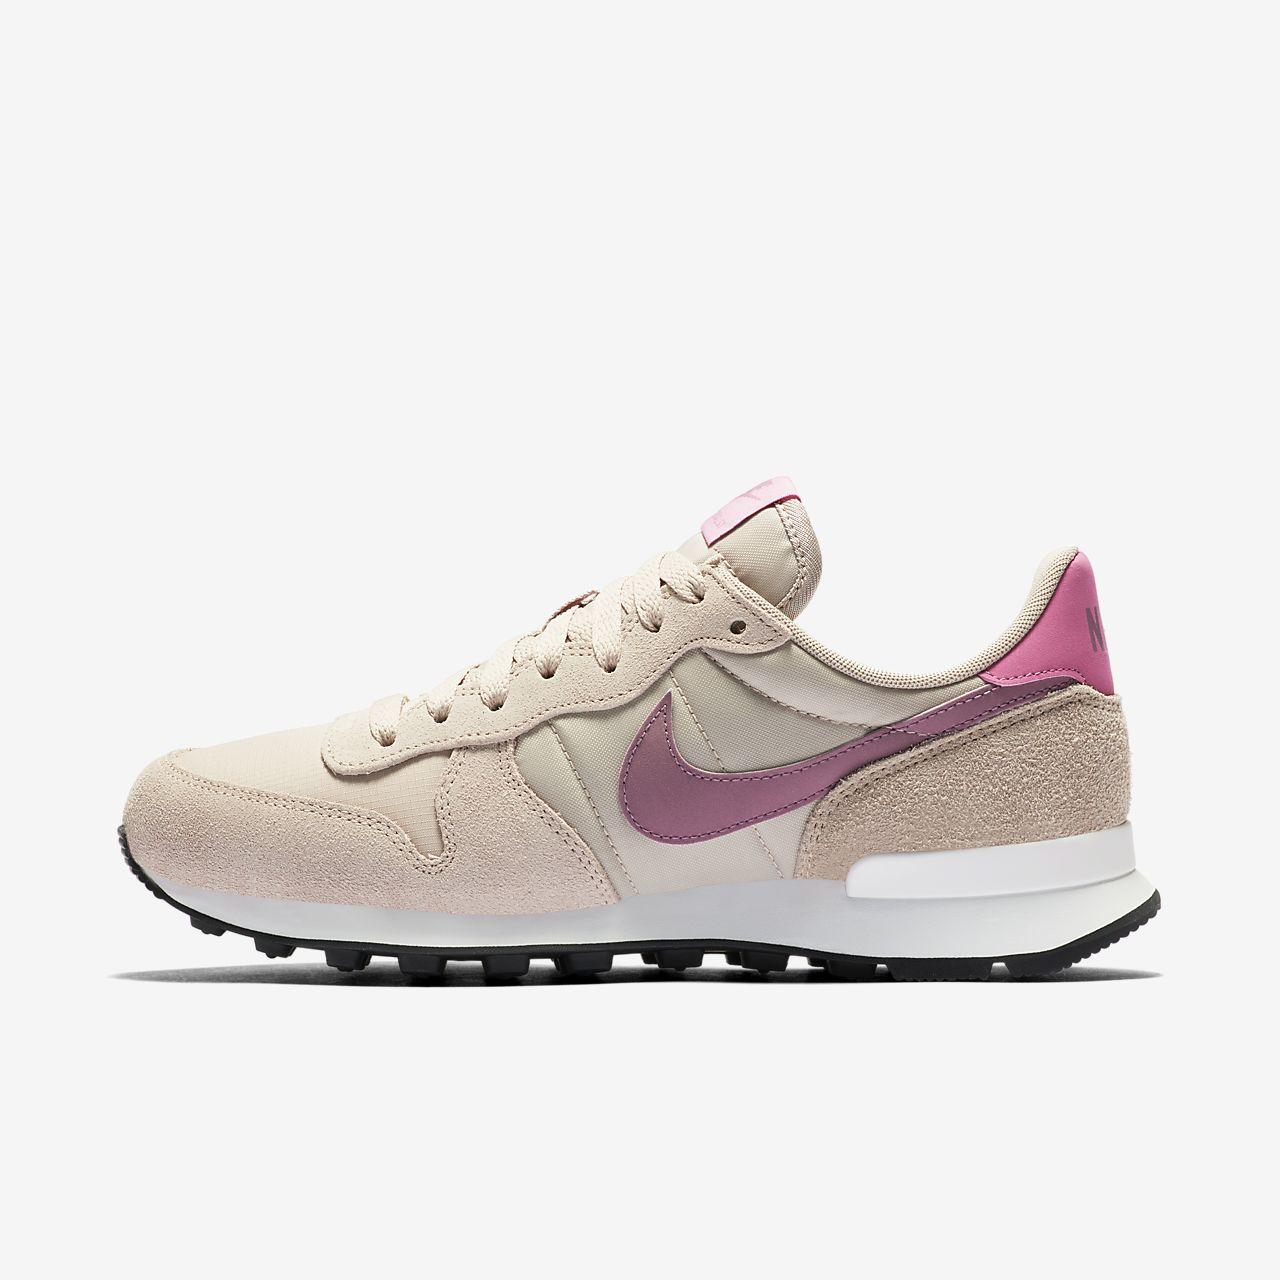 NIKE SPORTSWEAR Internationalist SE Sneakers for Women Pink